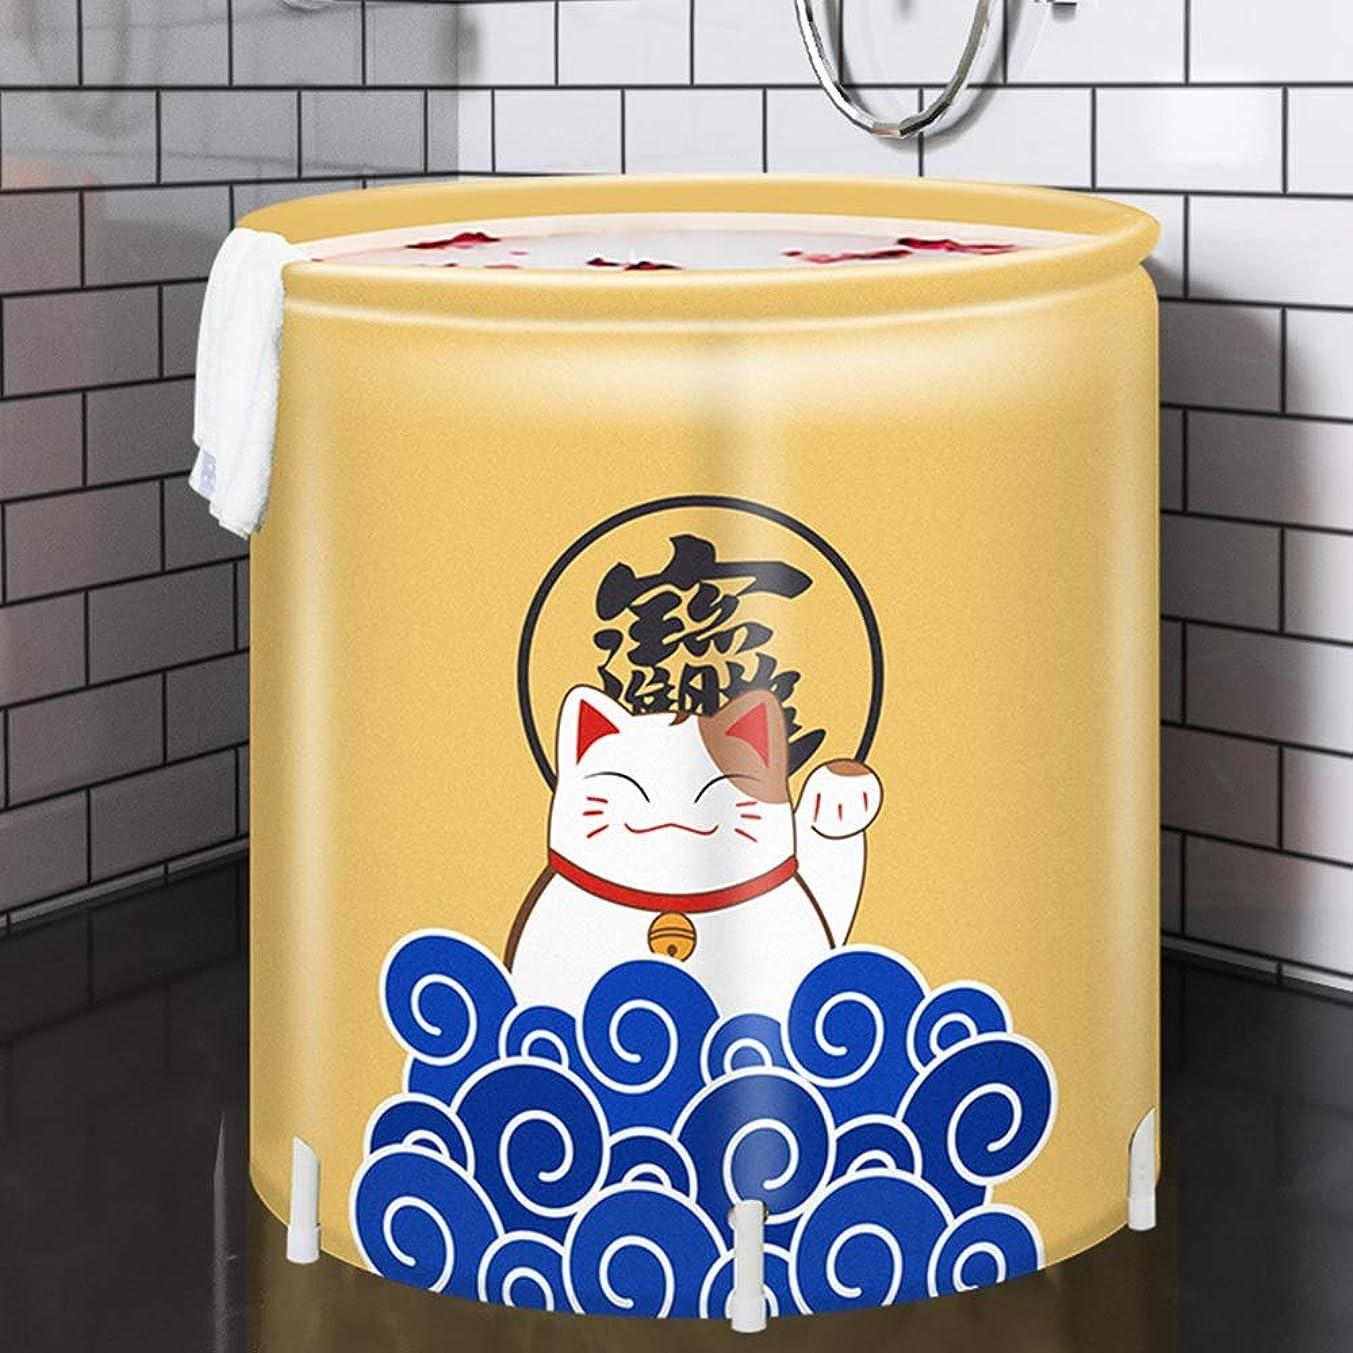 眠っているコテージまたはどちらかポータブルバスタブ 大人の家庭用バスタブはスペース折りたたみプラスチックバースバレルアダルト浴槽無料インフレータブルバスタブを保存します。 浴槽?バスタブ (色 : 黄, サイズ : 65x70cm)